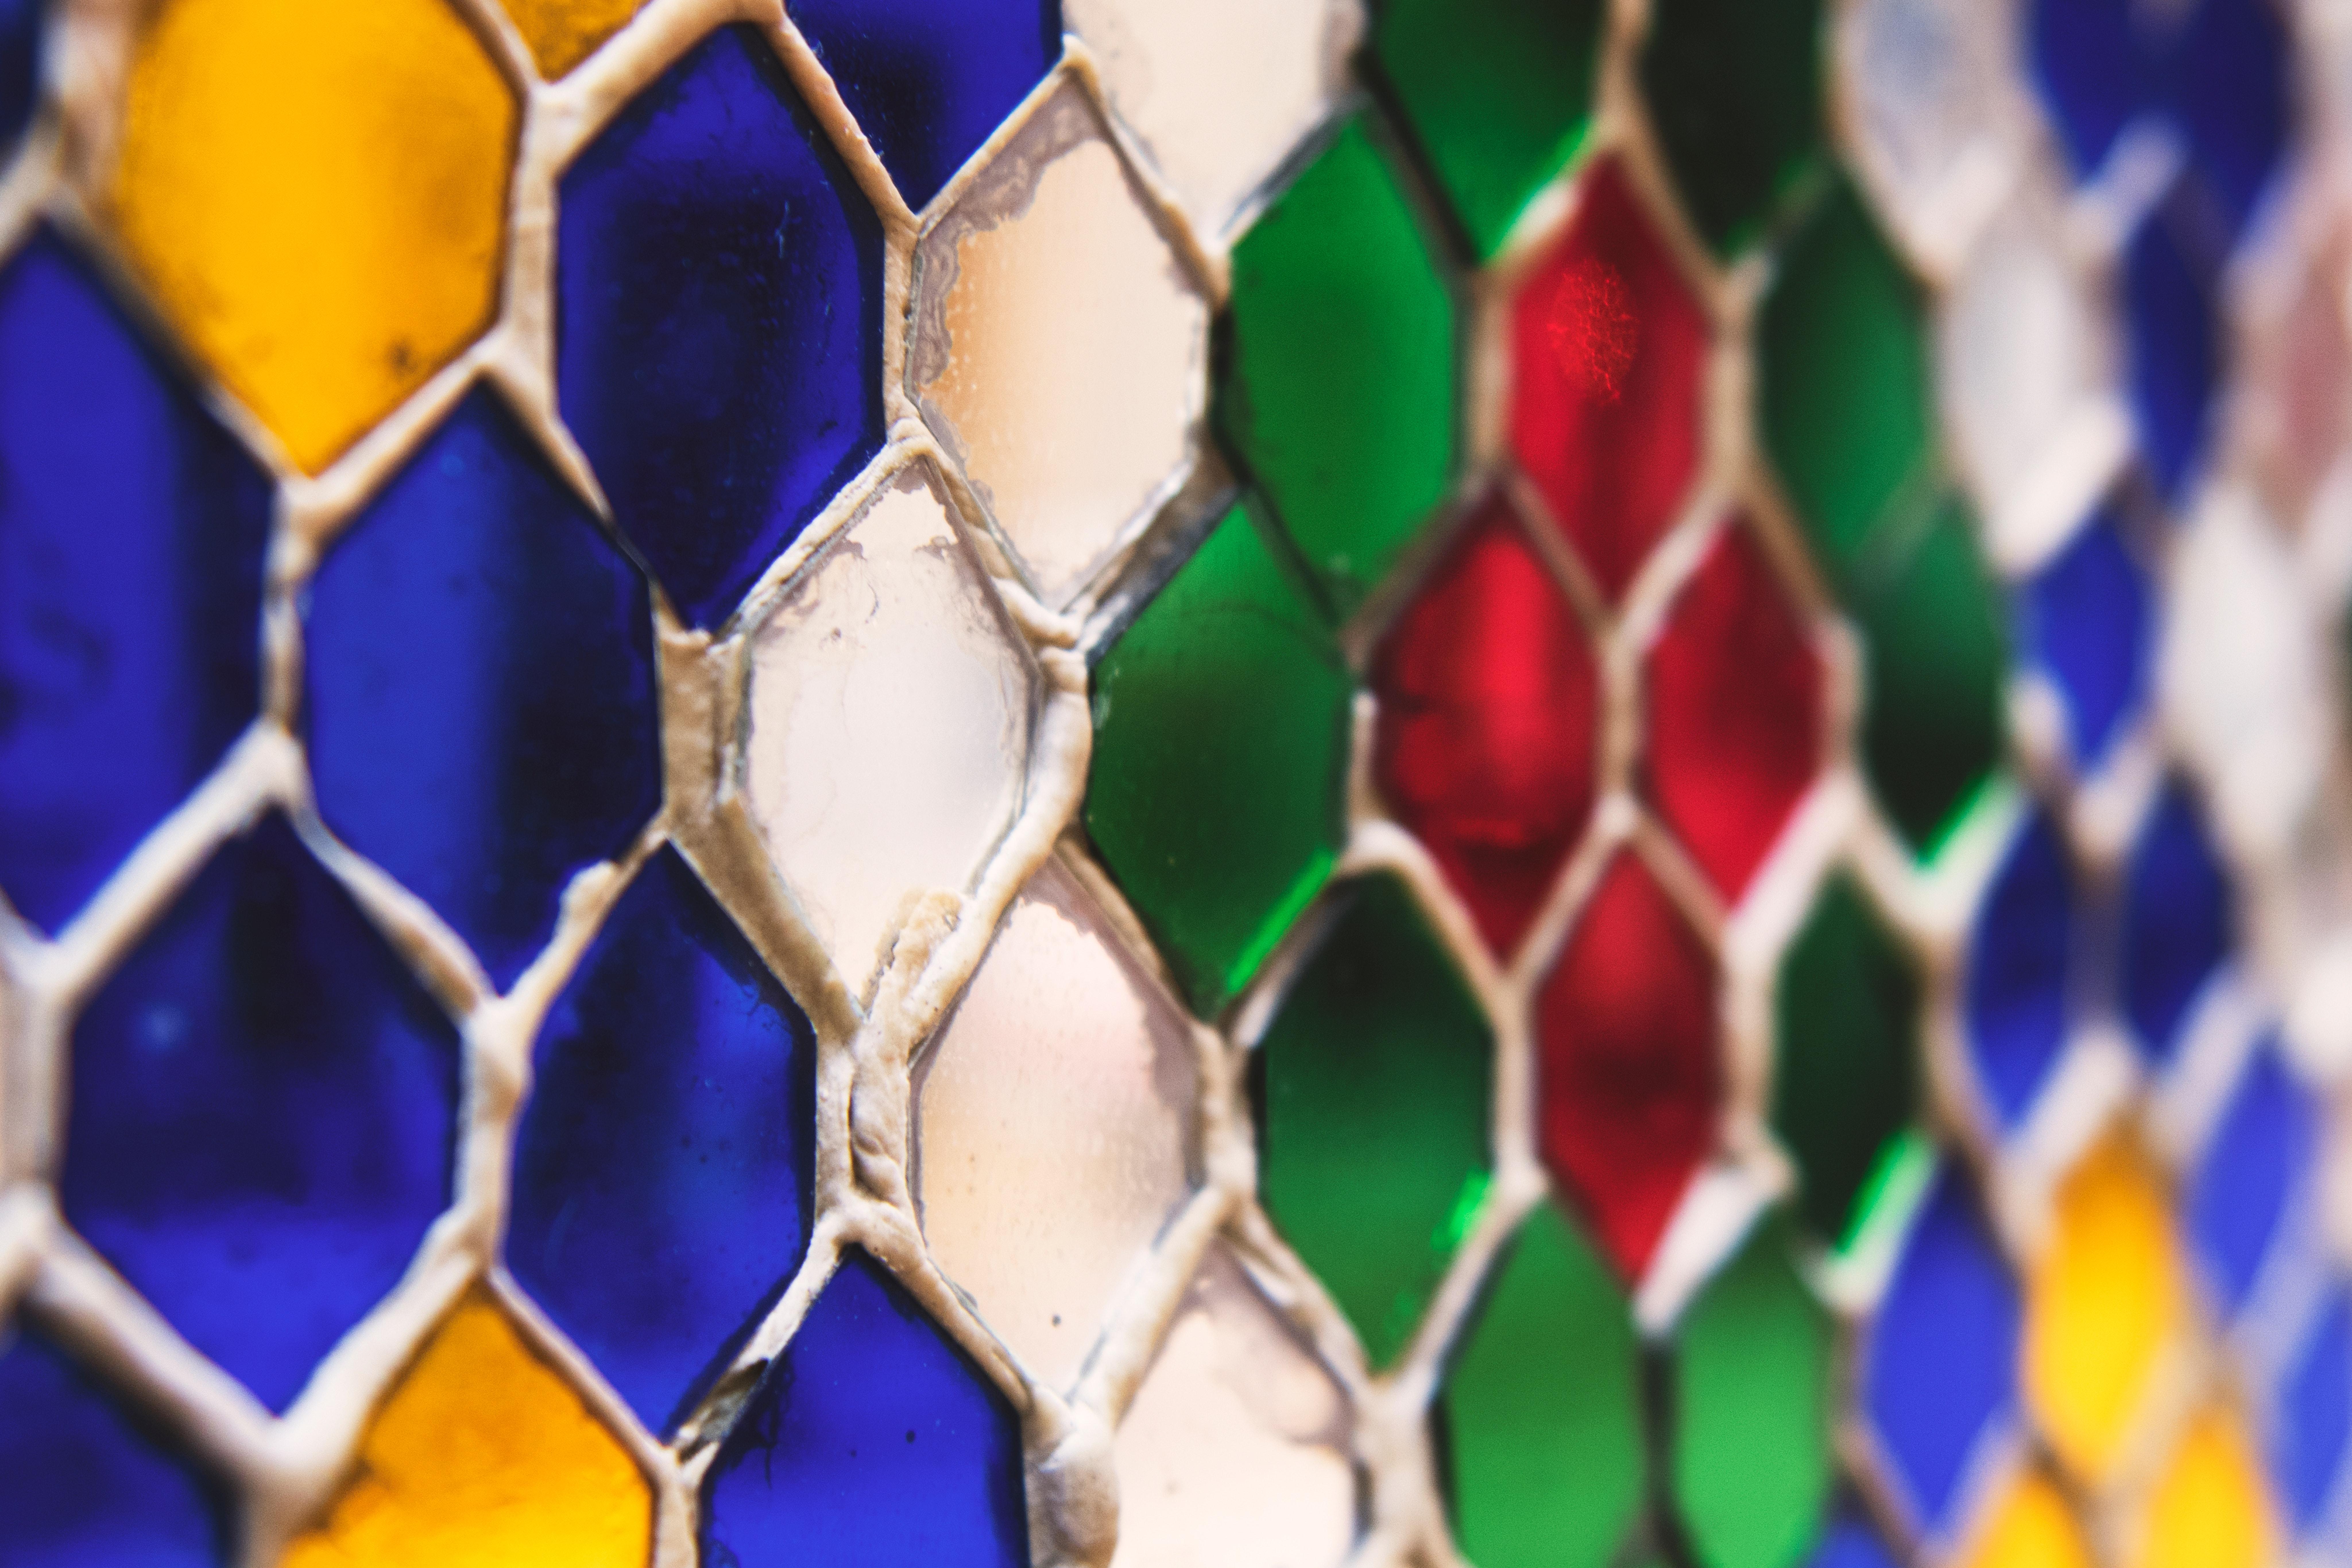 Multi-colored material photo